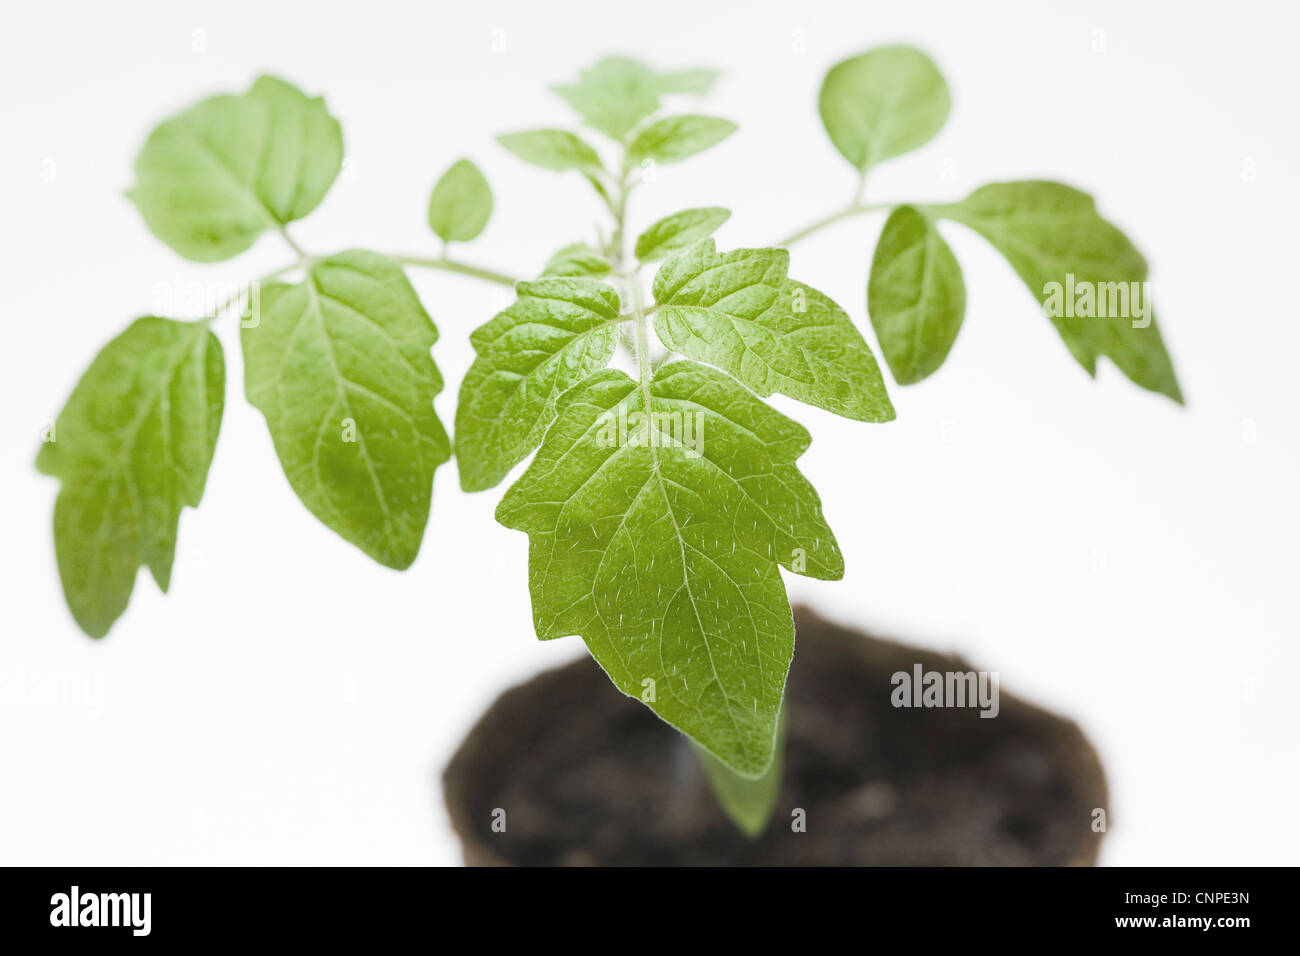 Lycopersicon esculentum. Les plants de tomates dans les premiers stades de croissance. Photo Stock